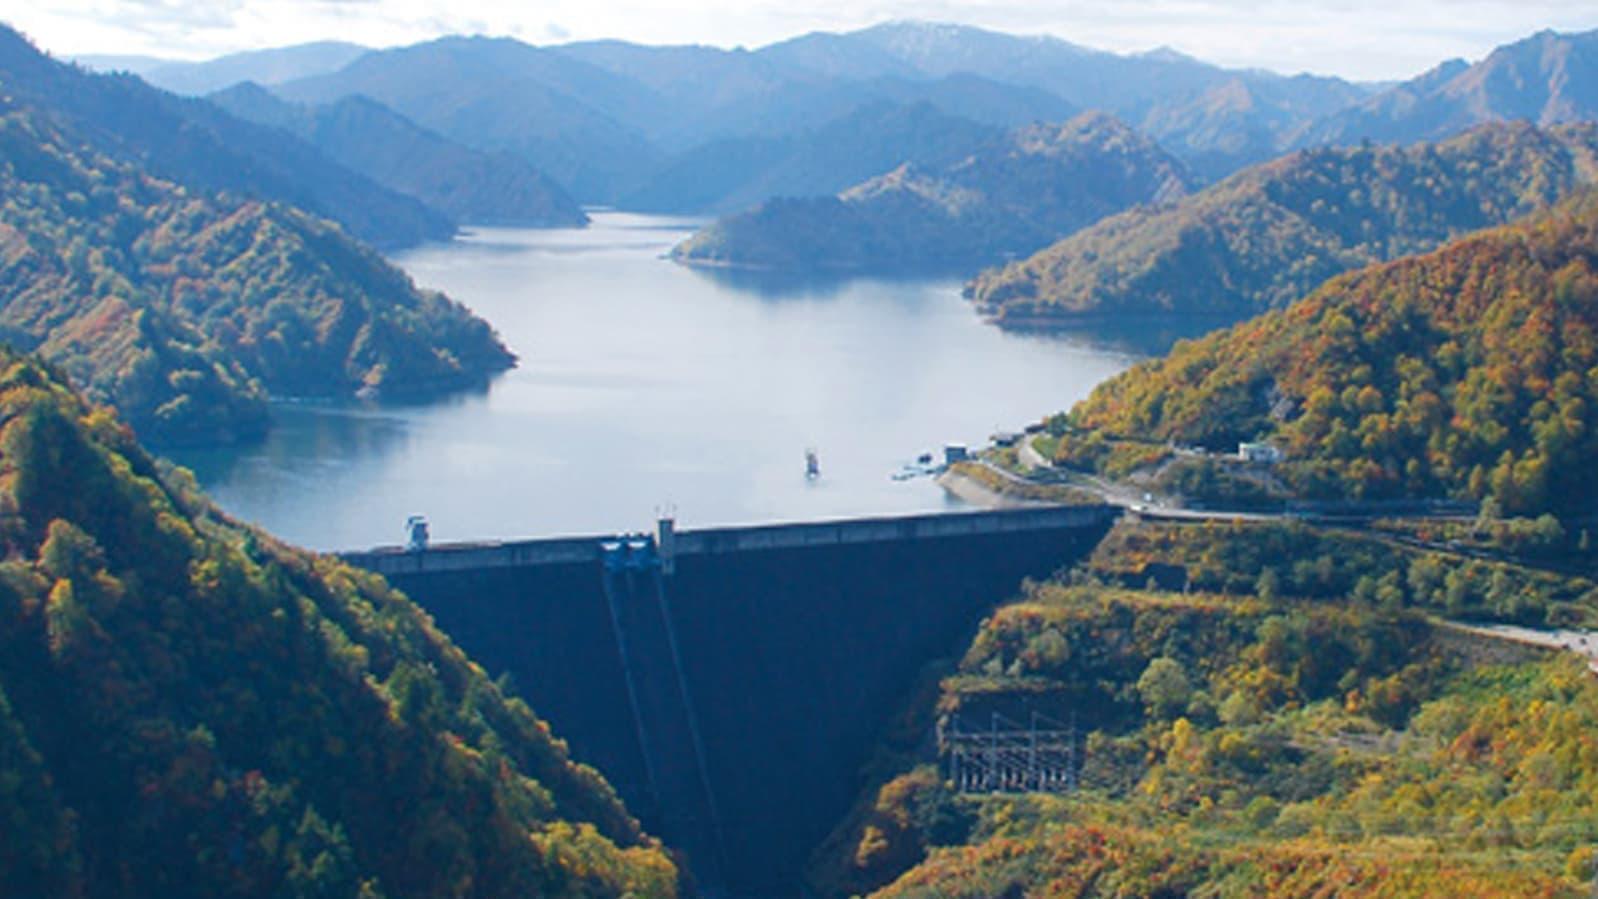 ダム 奥 只見 ダム|只見町公式ホームページ|福島県